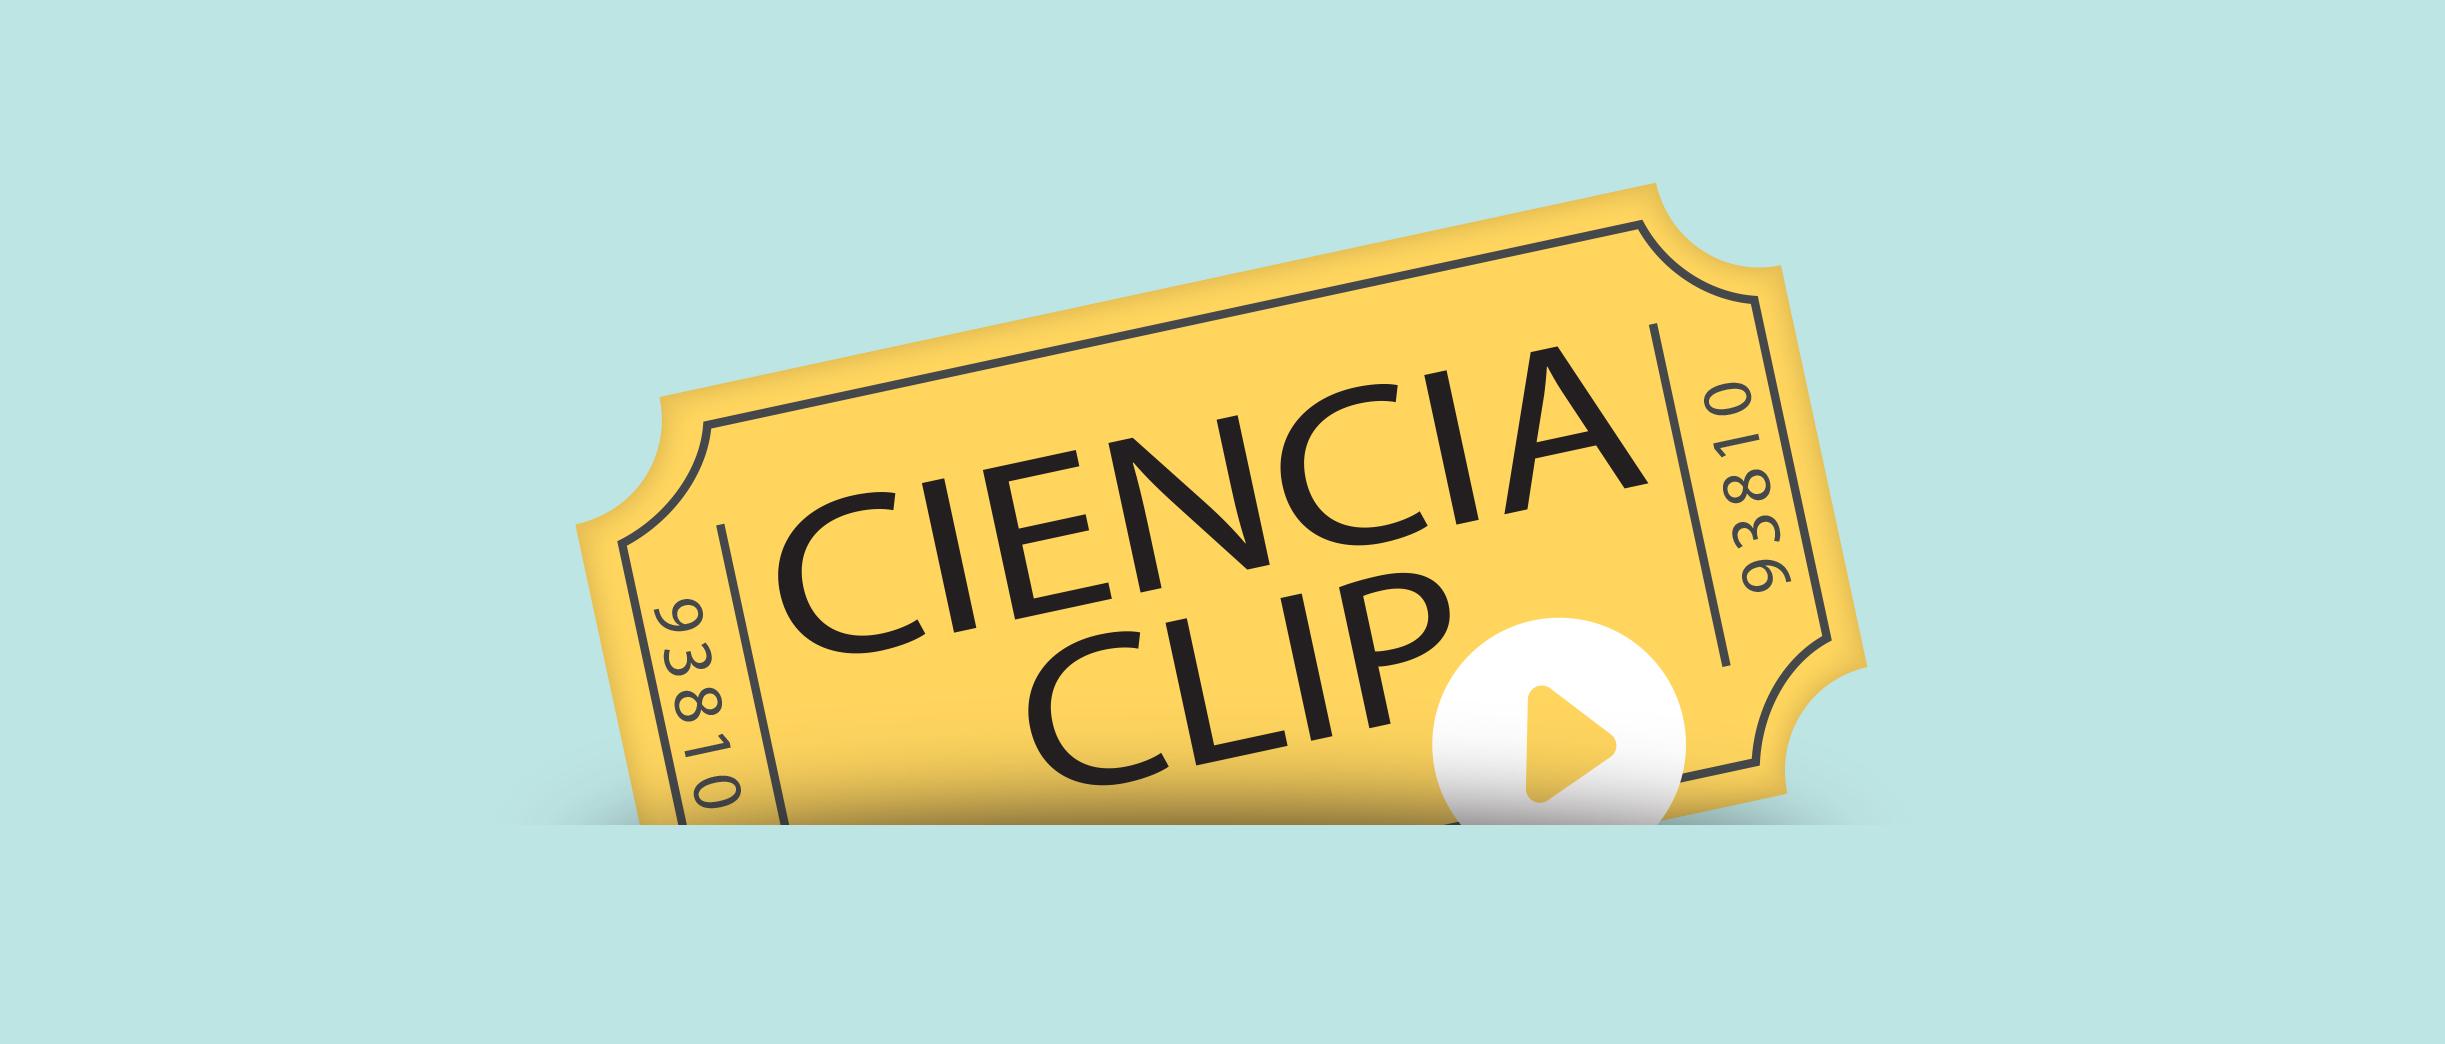 Ciencia Clip: un concurso de vídeos de ciencia para jóvenes estudiantes